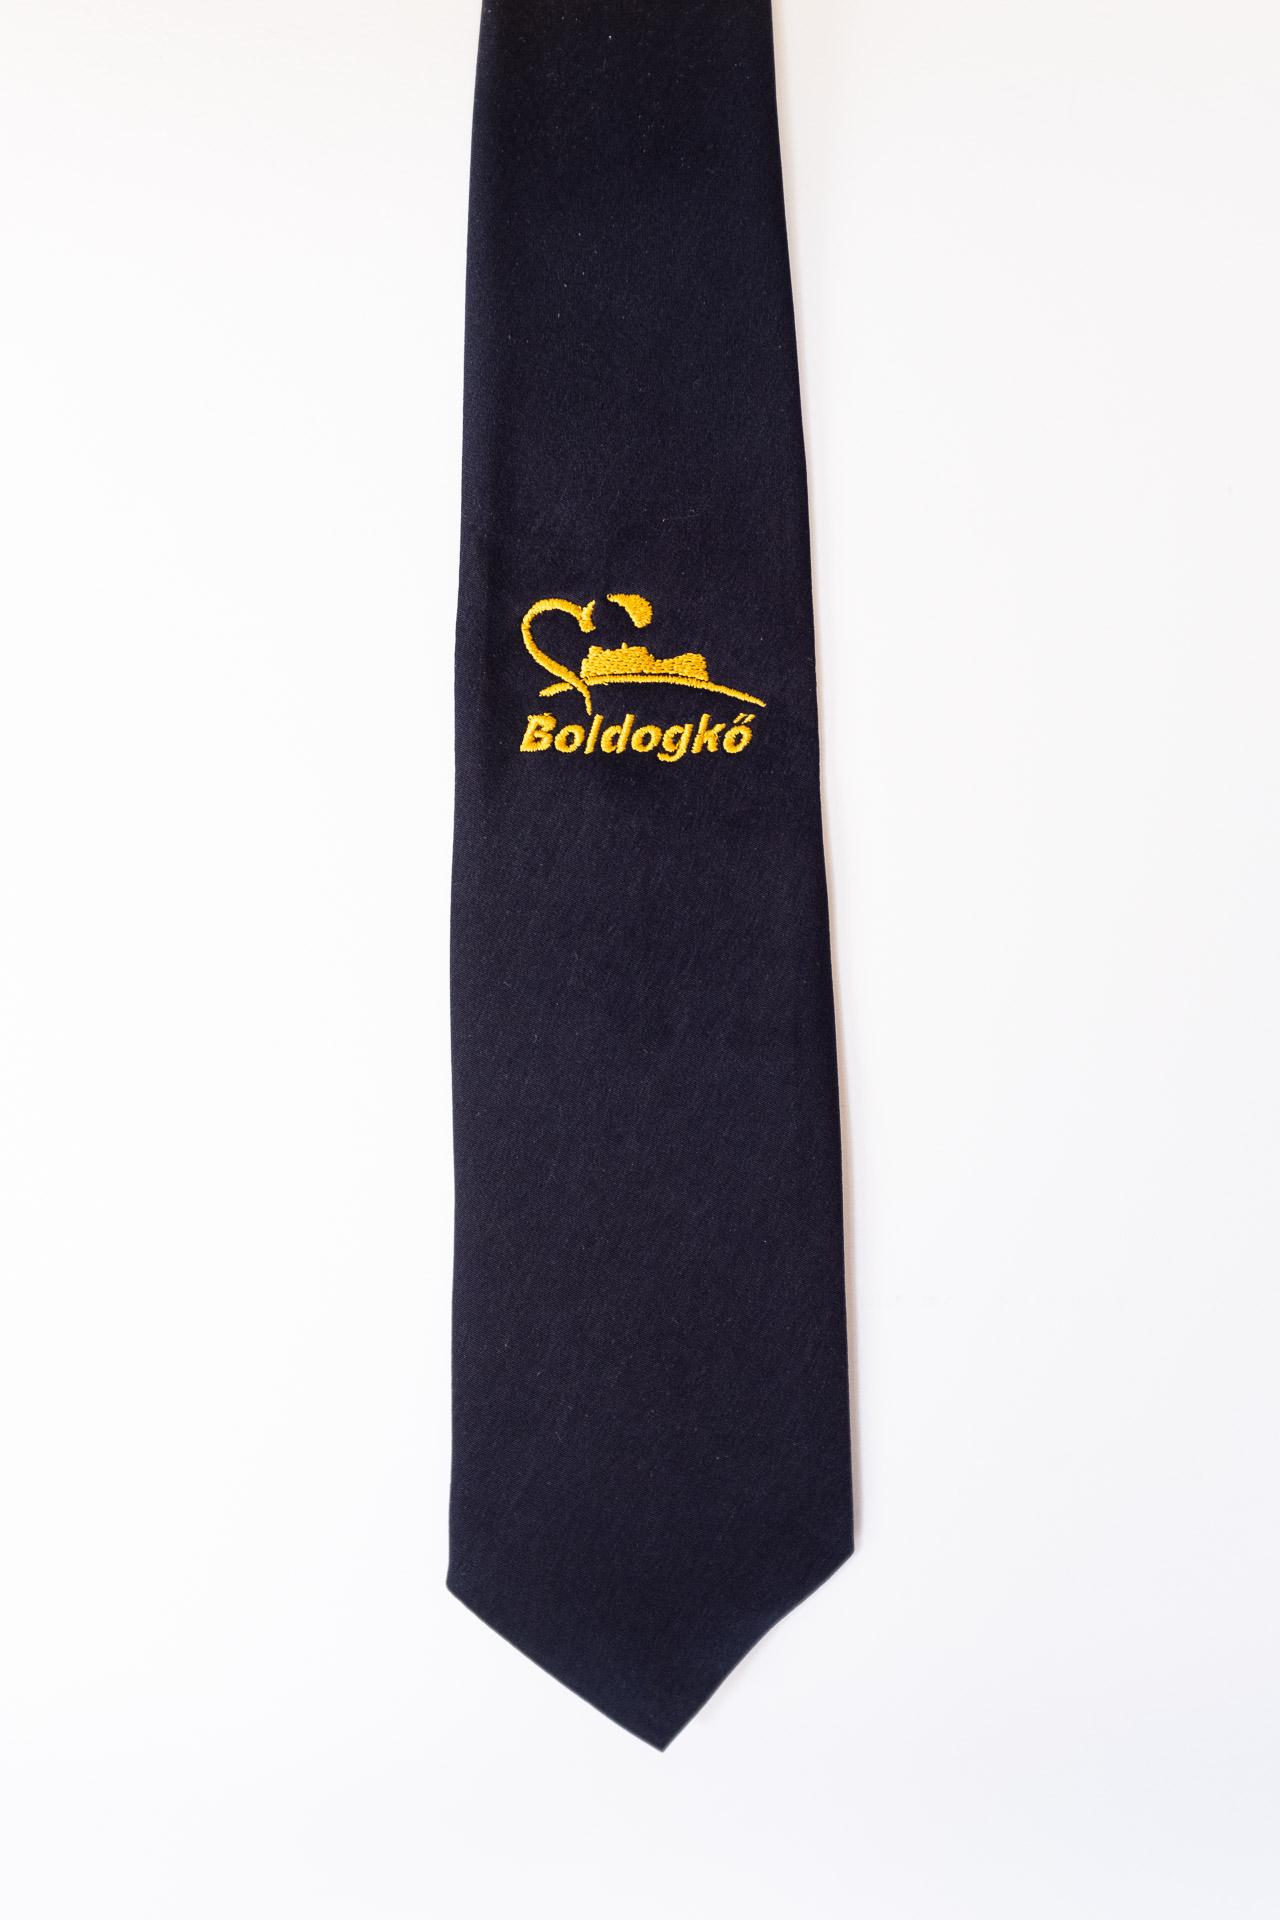 Hímzett iskolai emblémás sötétkék férfi ballagási egyen nyakkendő 6edbac2791